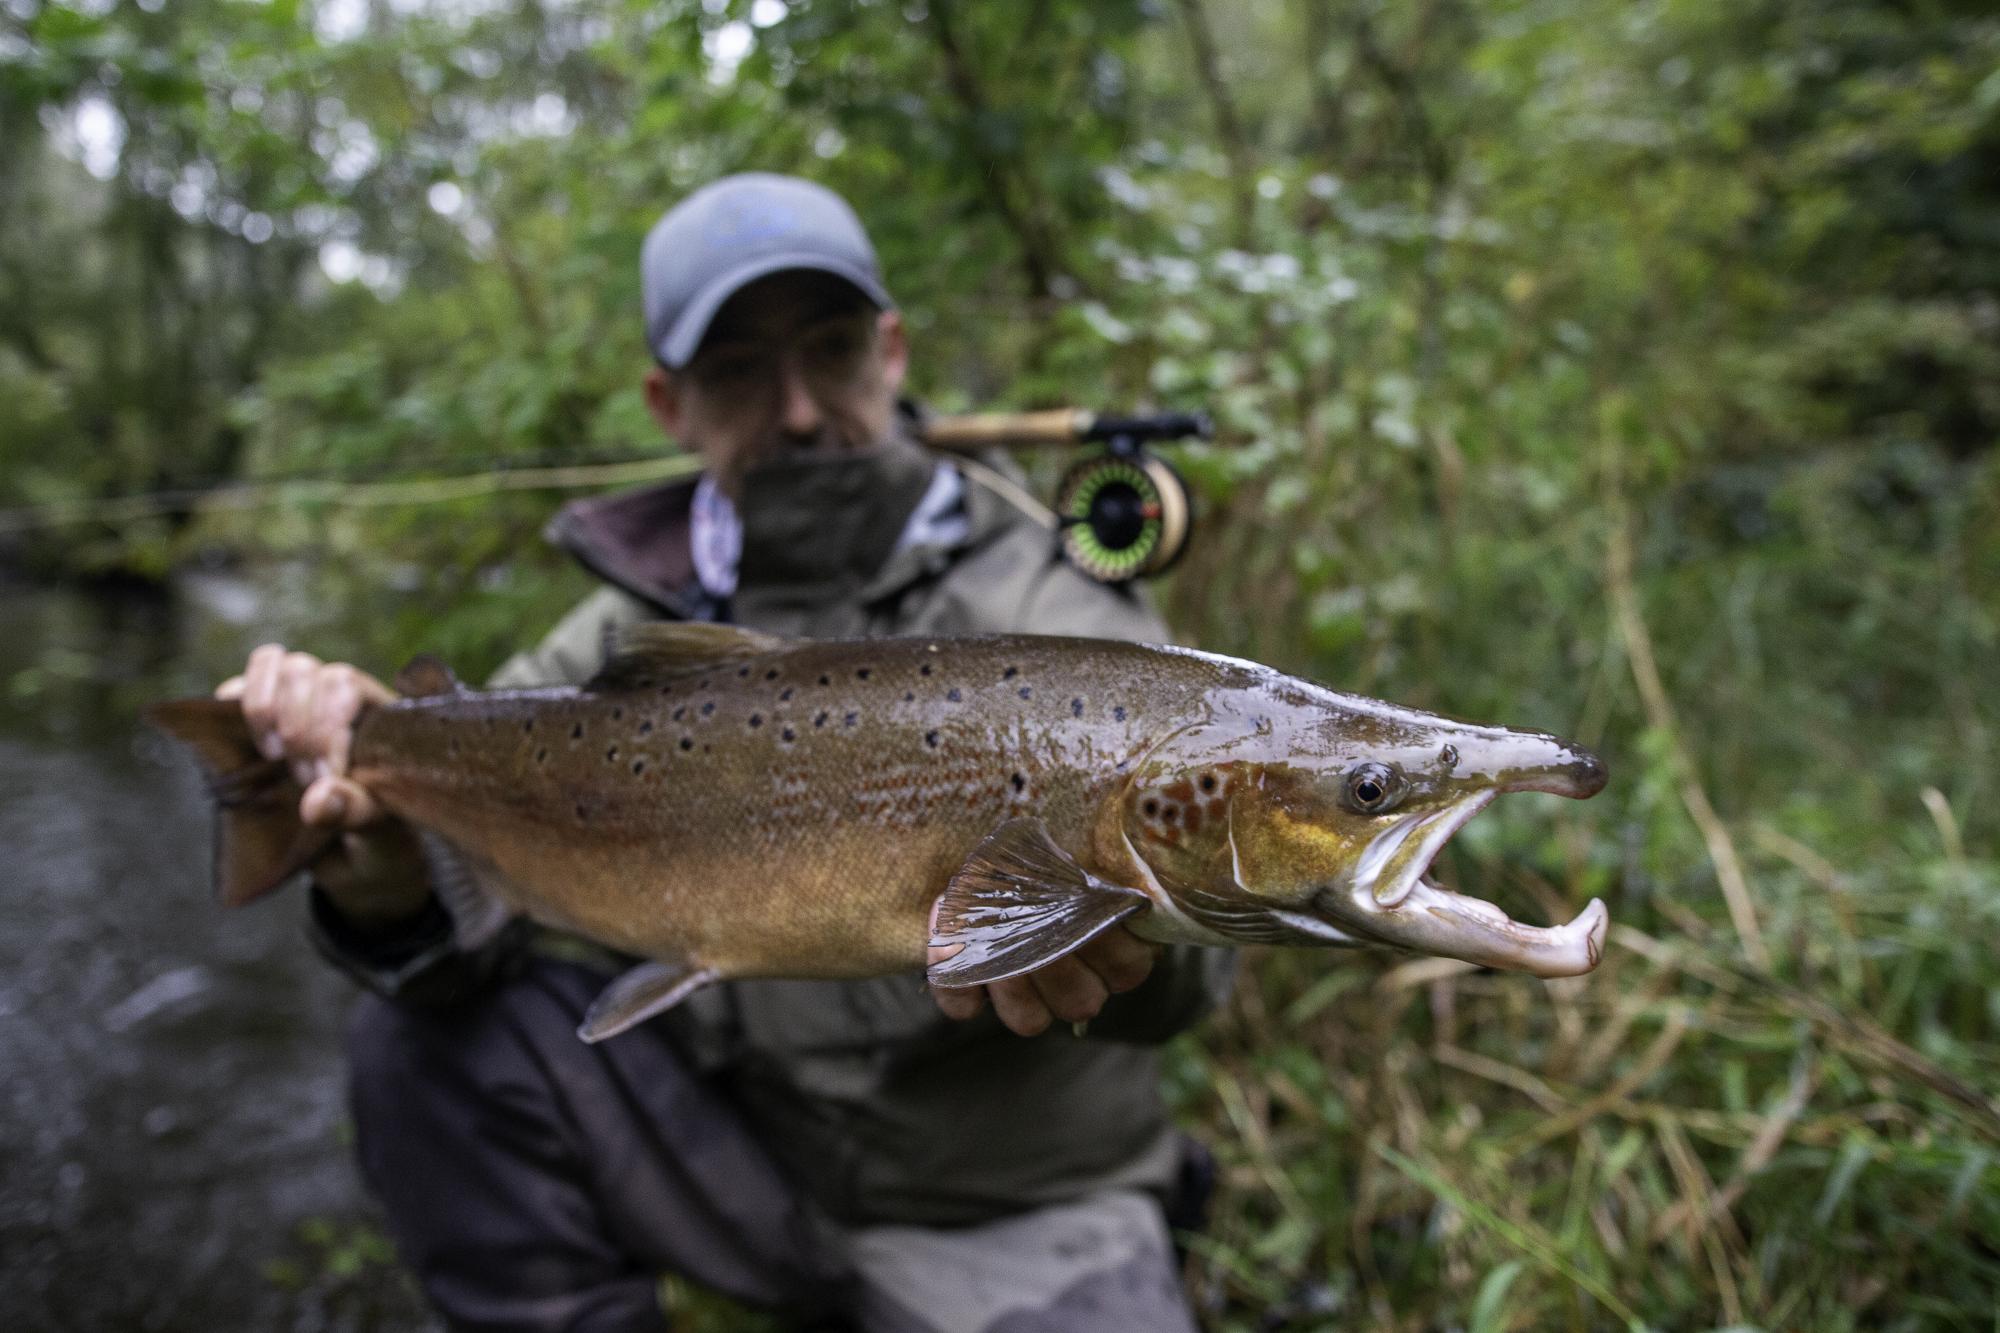 Magnifique saumon mâle de fin de saison @pierrerigalleau